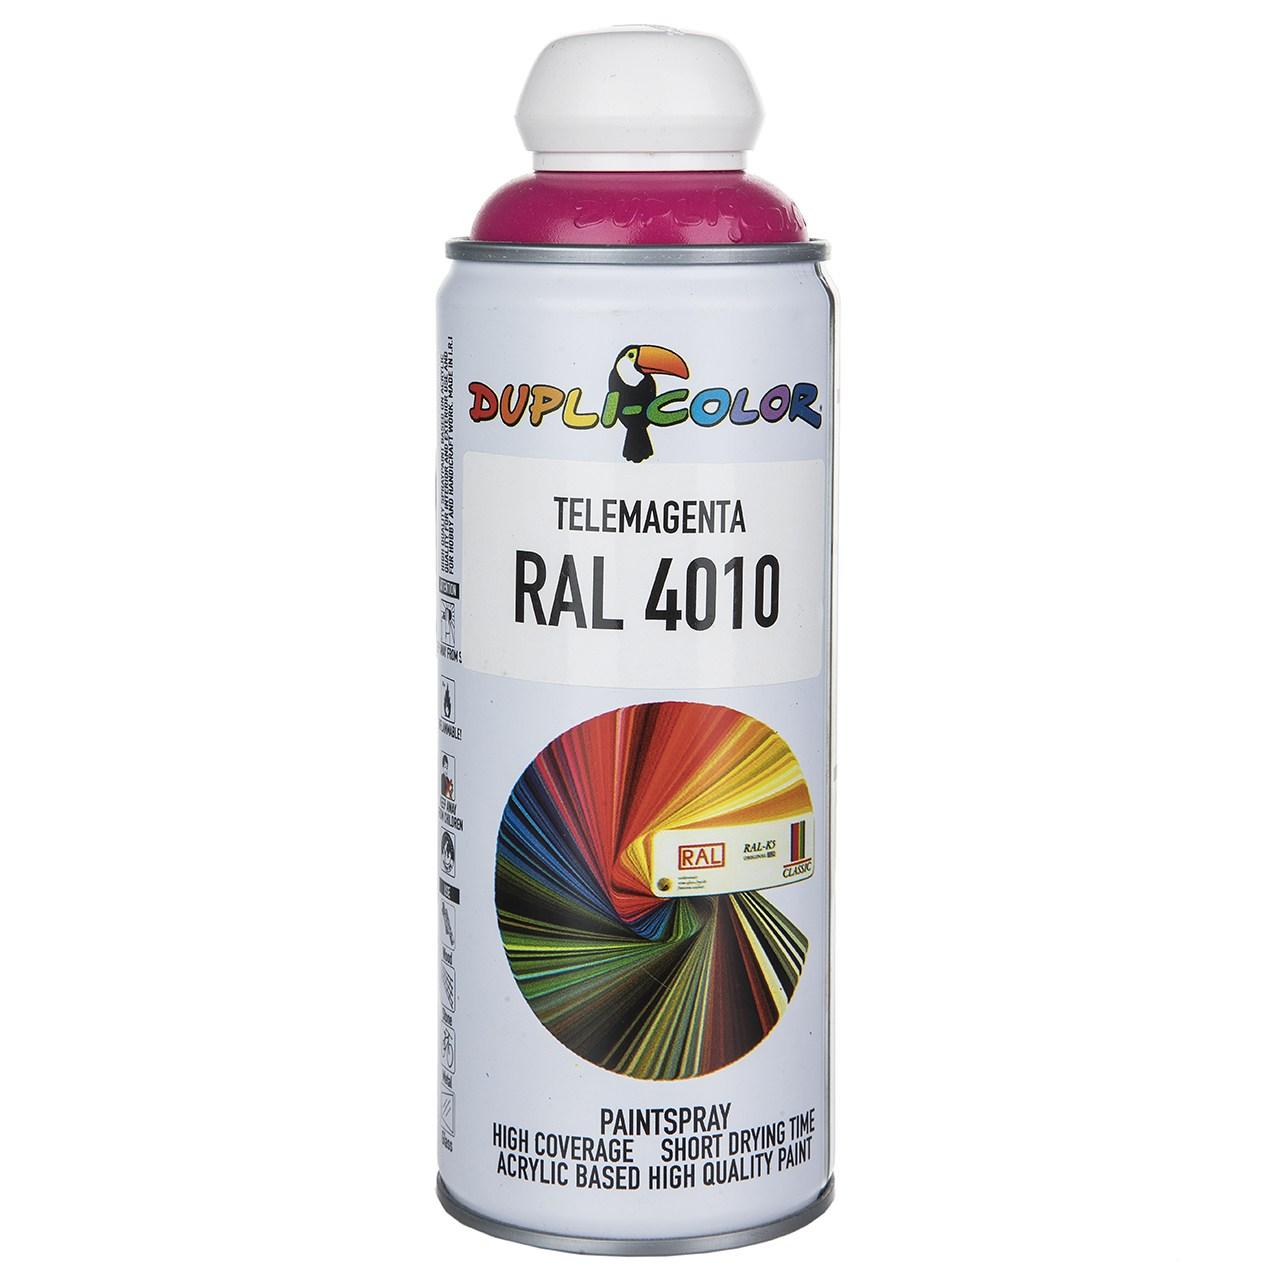 اسپری رنگ سرخابی دوپلی کالر مدل RAL 4010 حجم ۴۰۰ میلی لیتر